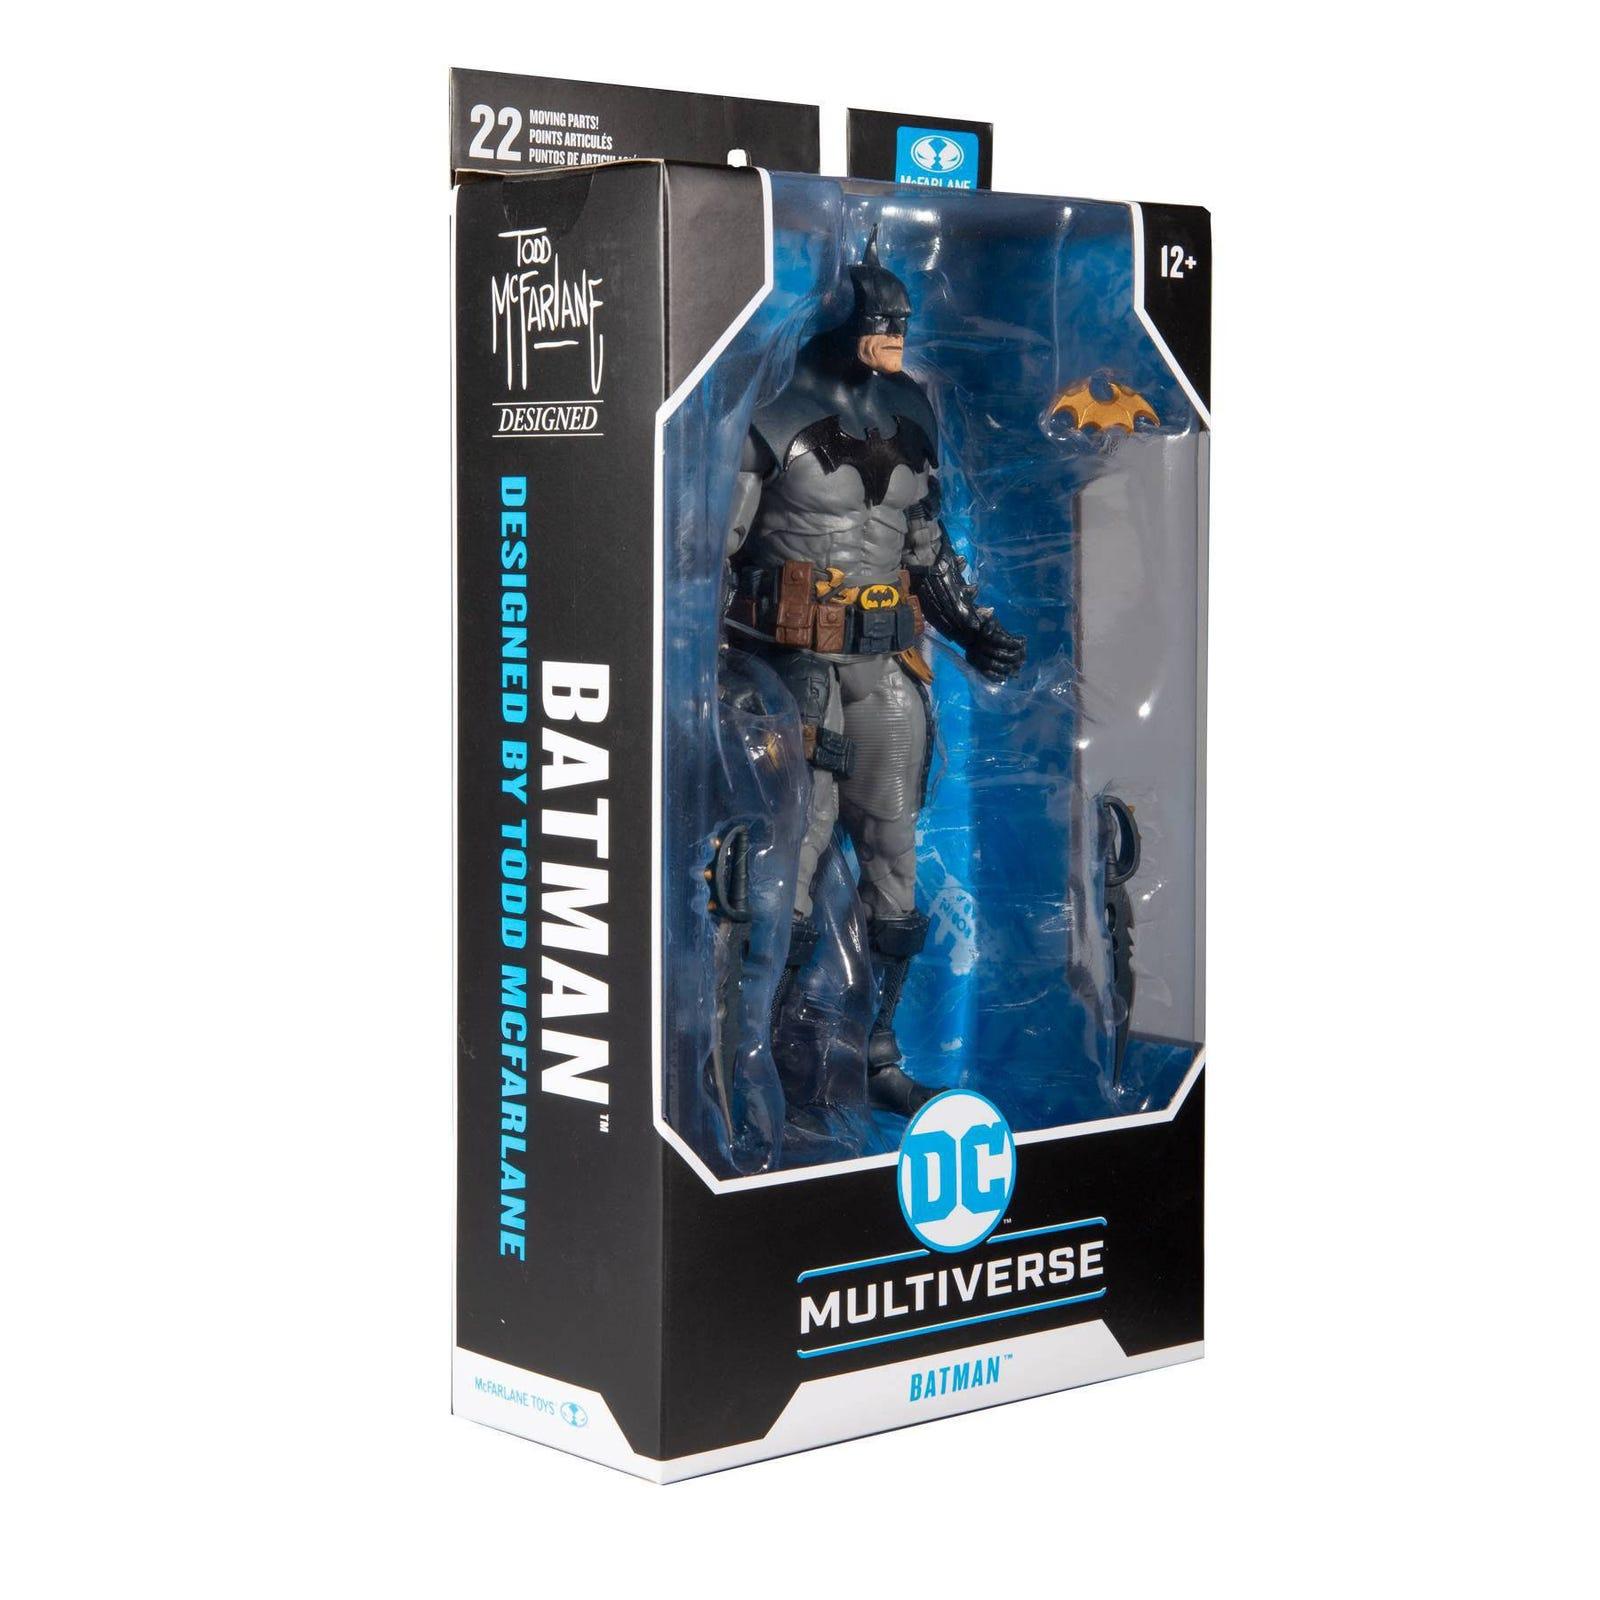 DC Multiverse Actionfigur Batman Designed by Todd McFarlane 18 cm  787926150063